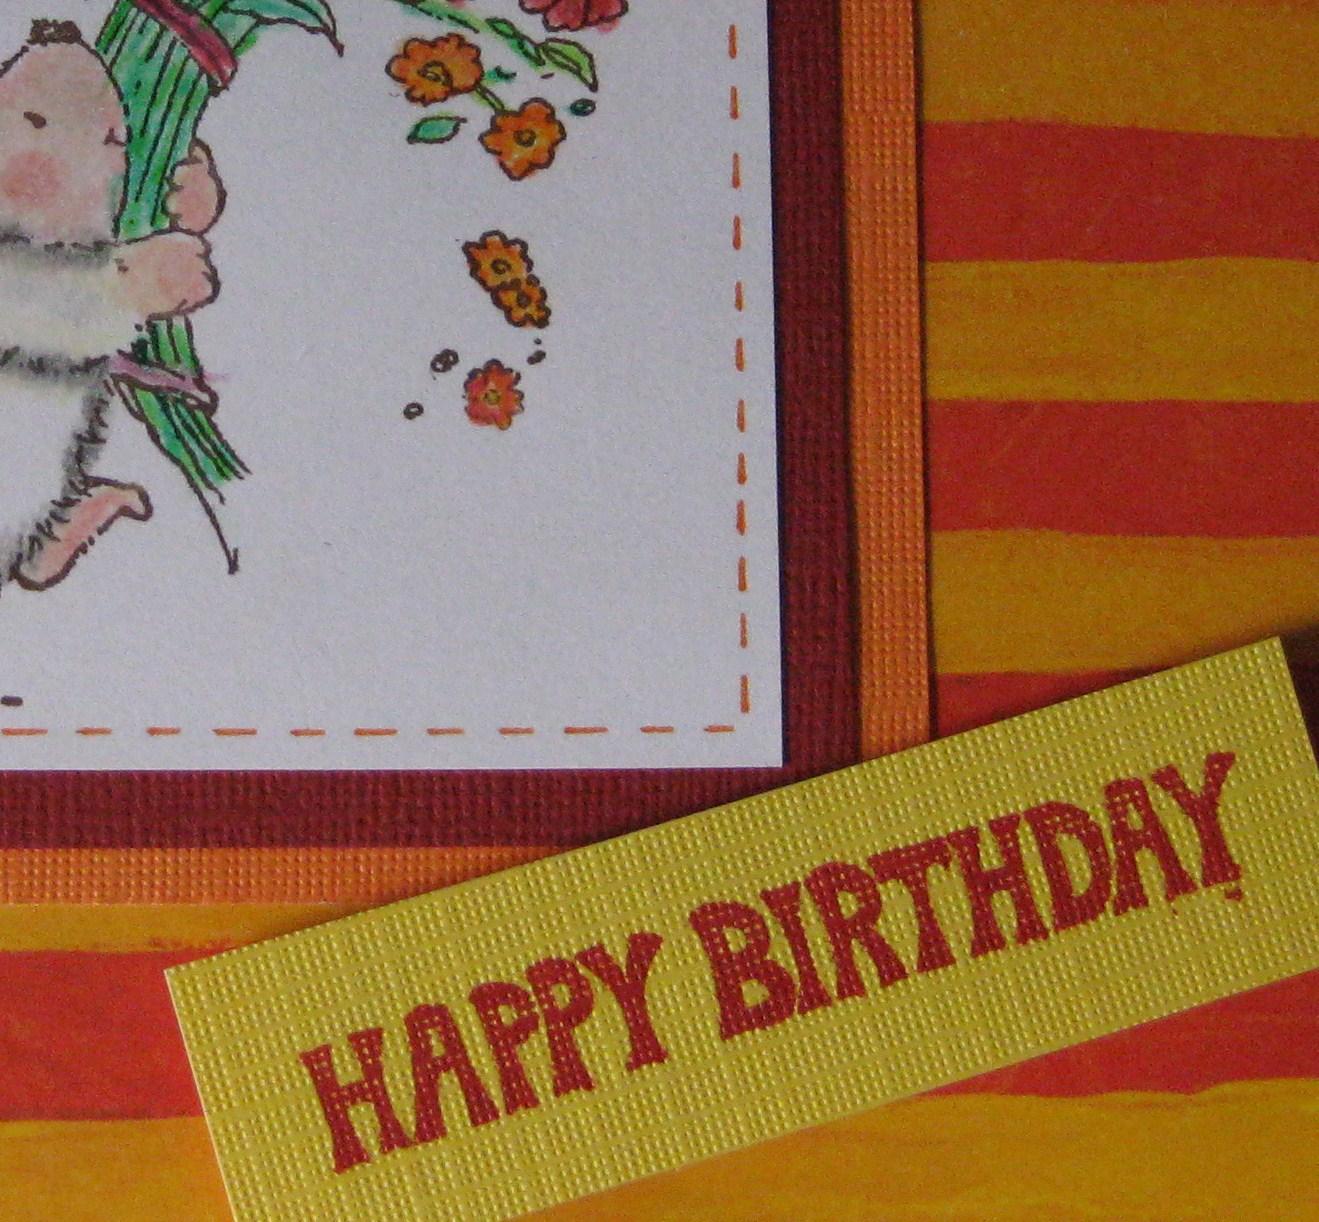 Happy Birthday Evelyn!